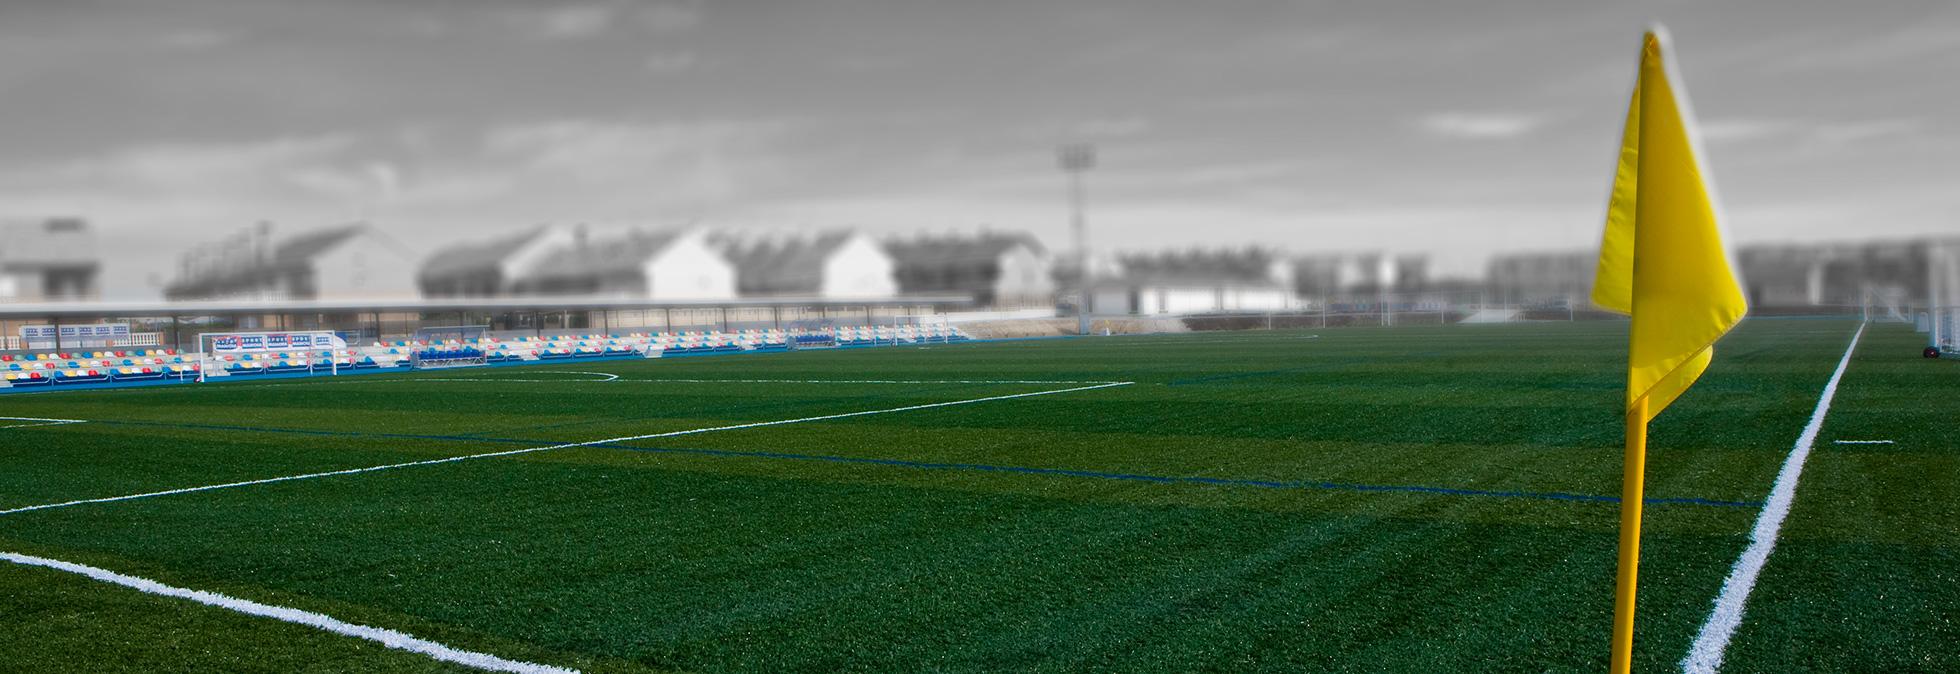 campos-de-futbol1